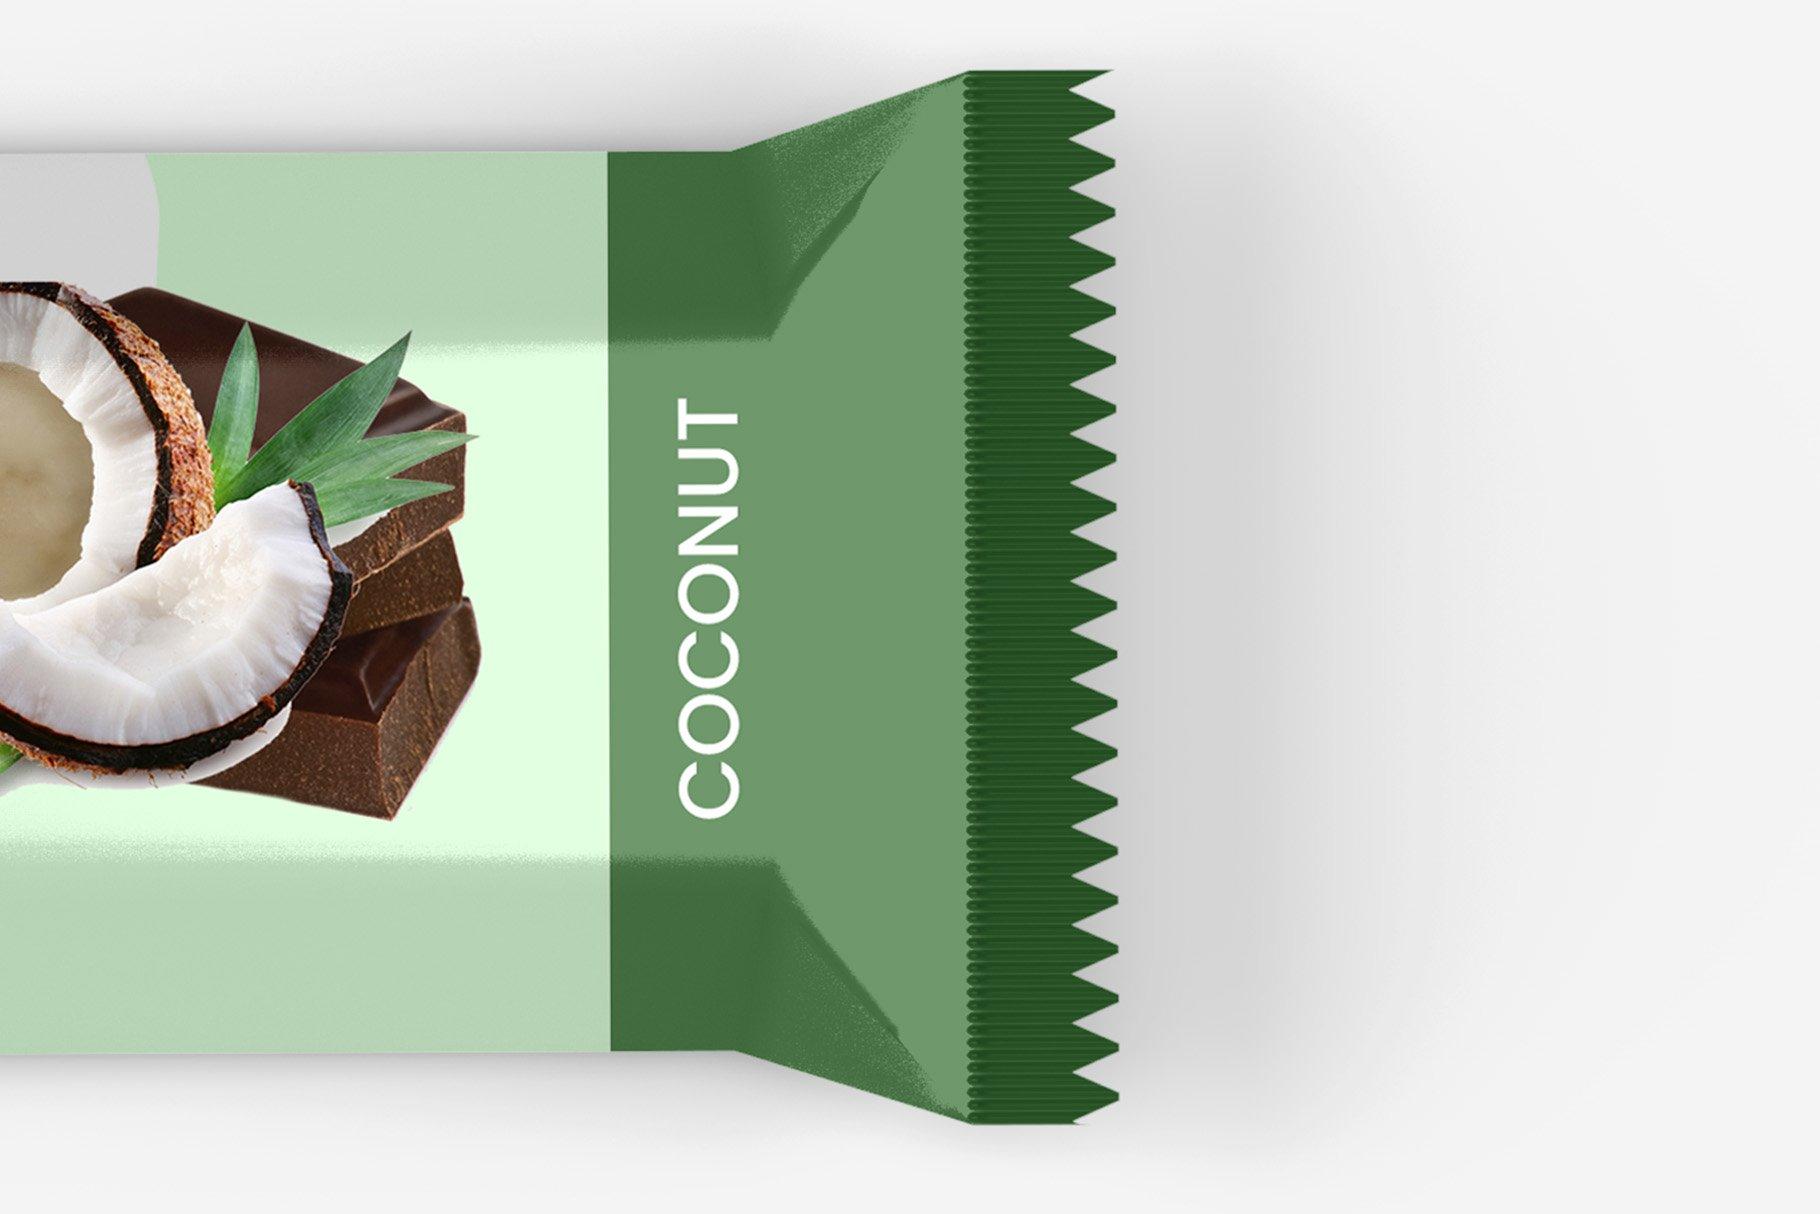 9款零食小吃塑料包装袋设计展示贴图样机 Snack Protein Bar Mockup – 9 Views插图13